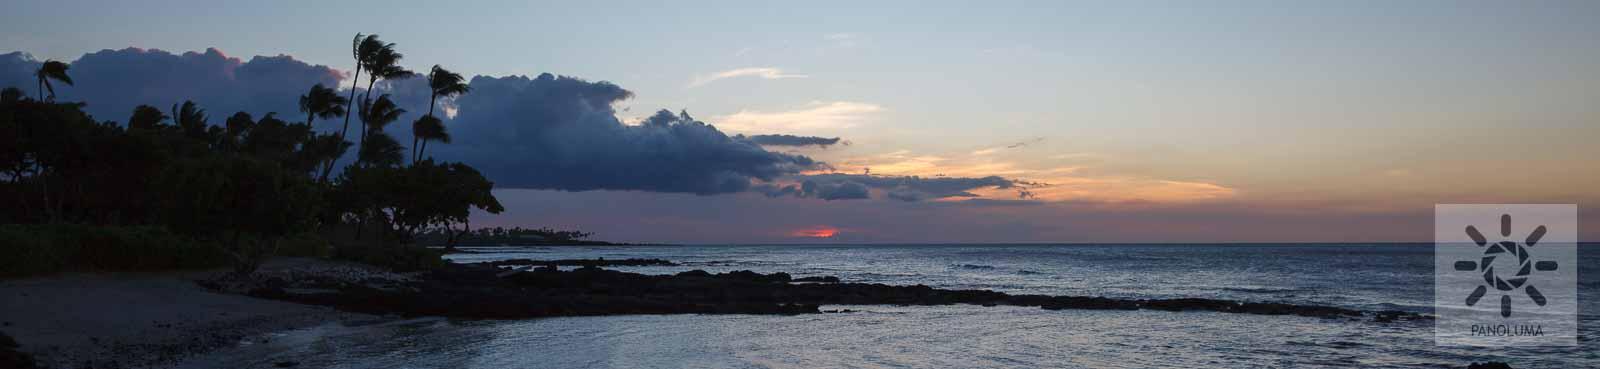 Holoholokai Beach Park, Hawaii